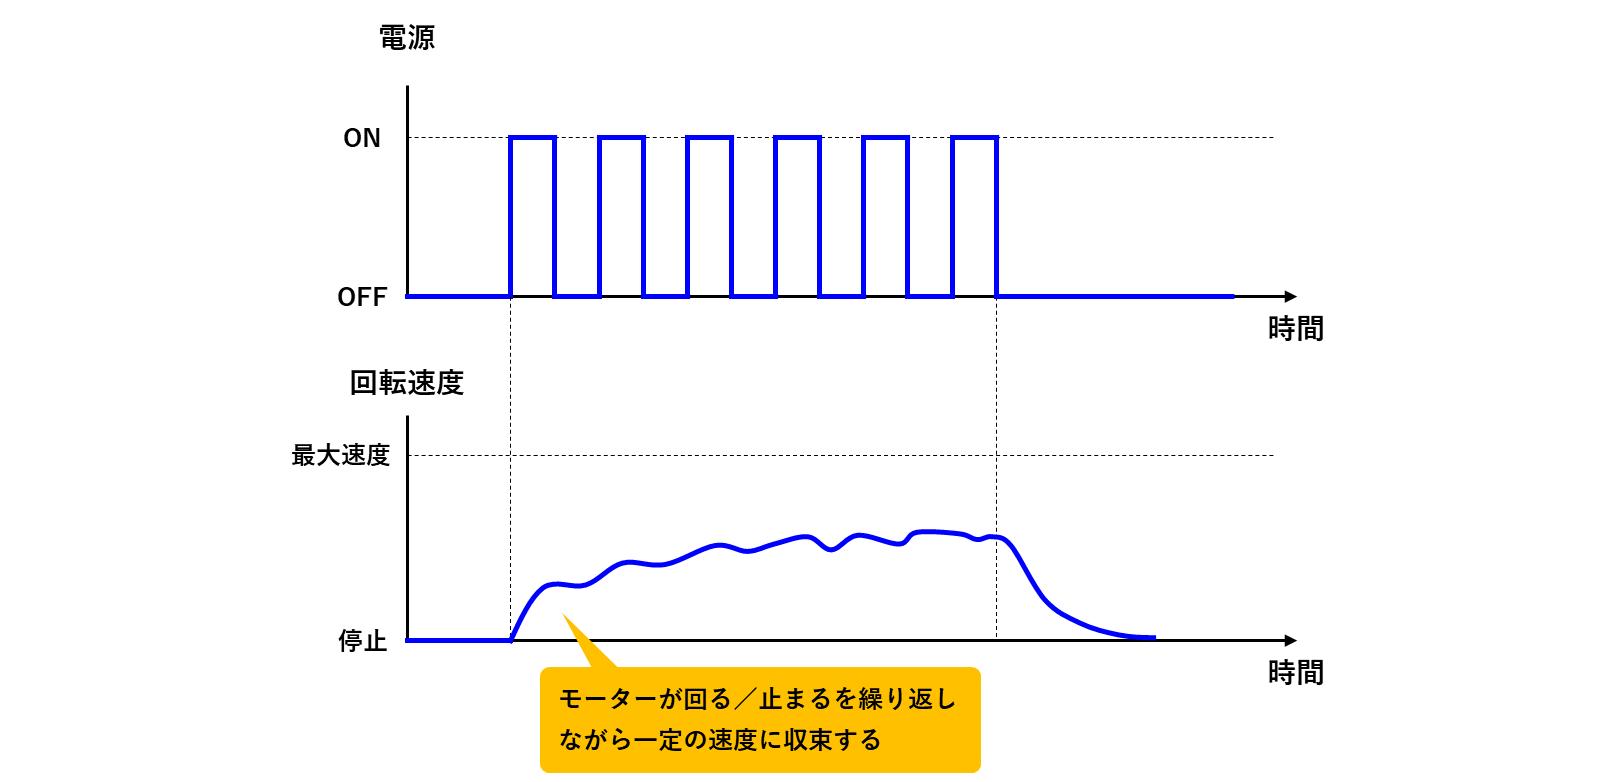 PWMによるモーター制御の回転推移